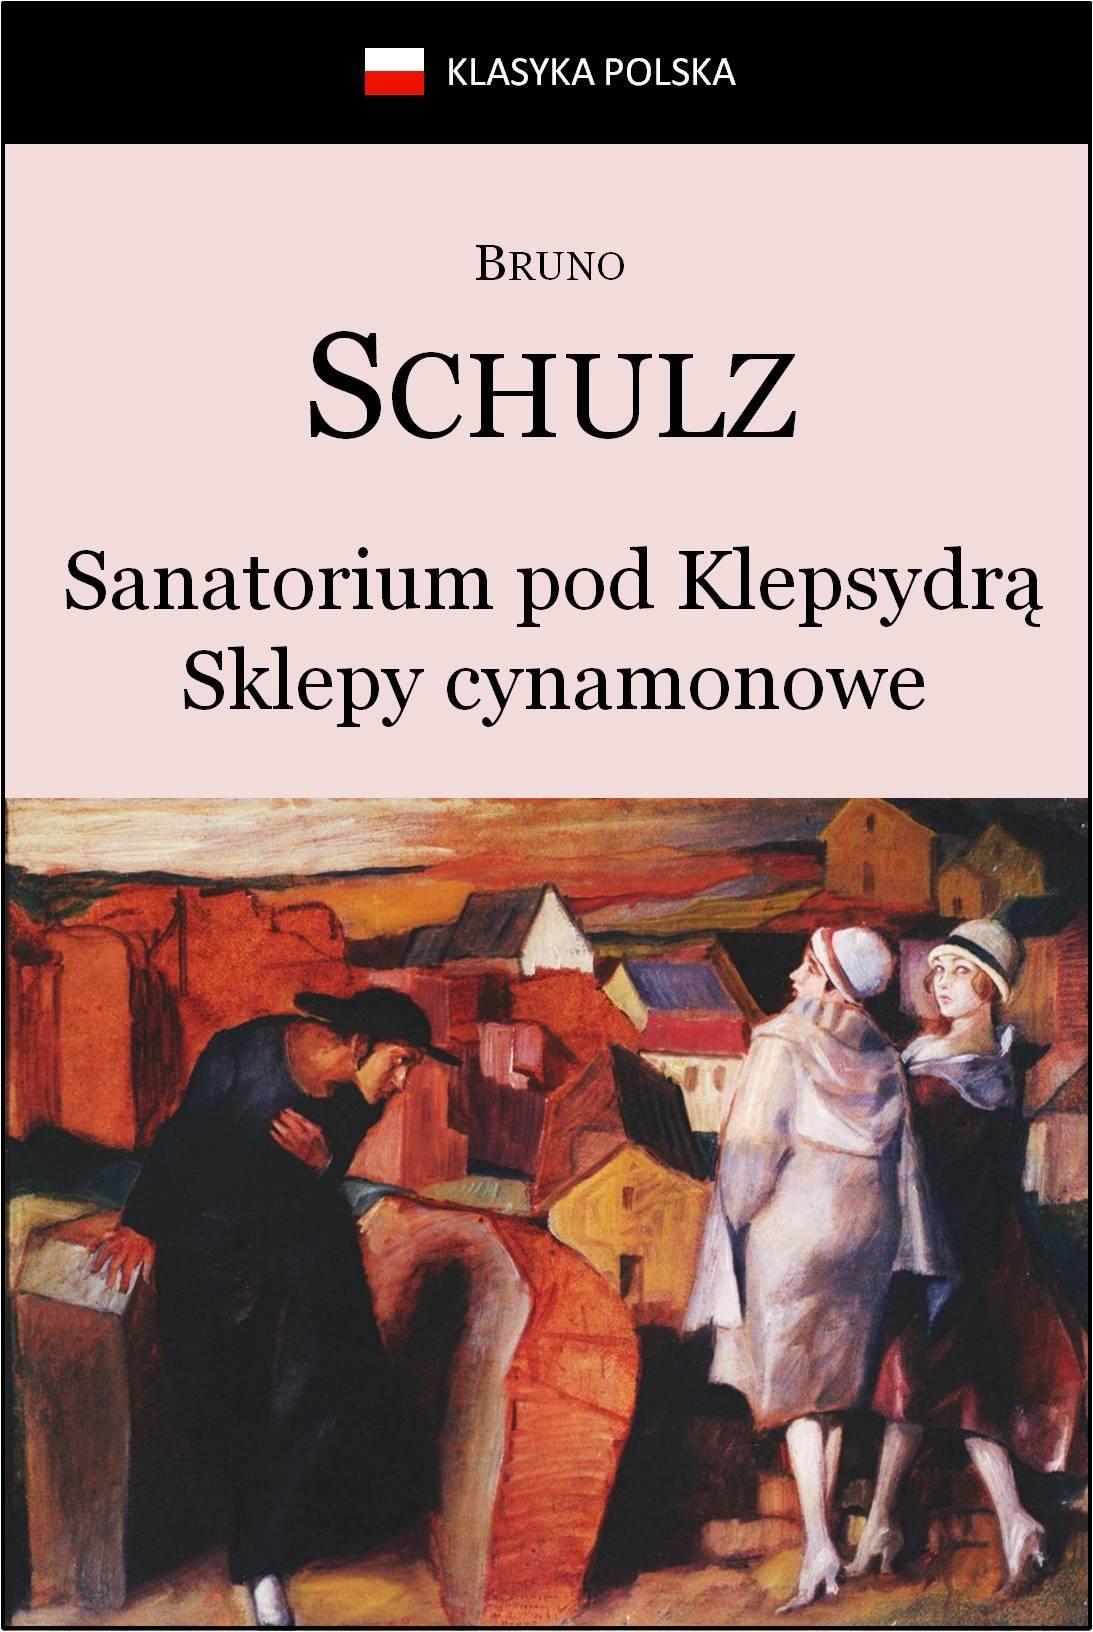 Sanatorium Pod Klepsydrą. Sklepy cynamonowe - Ebook (Książka EPUB) do pobrania w formacie EPUB